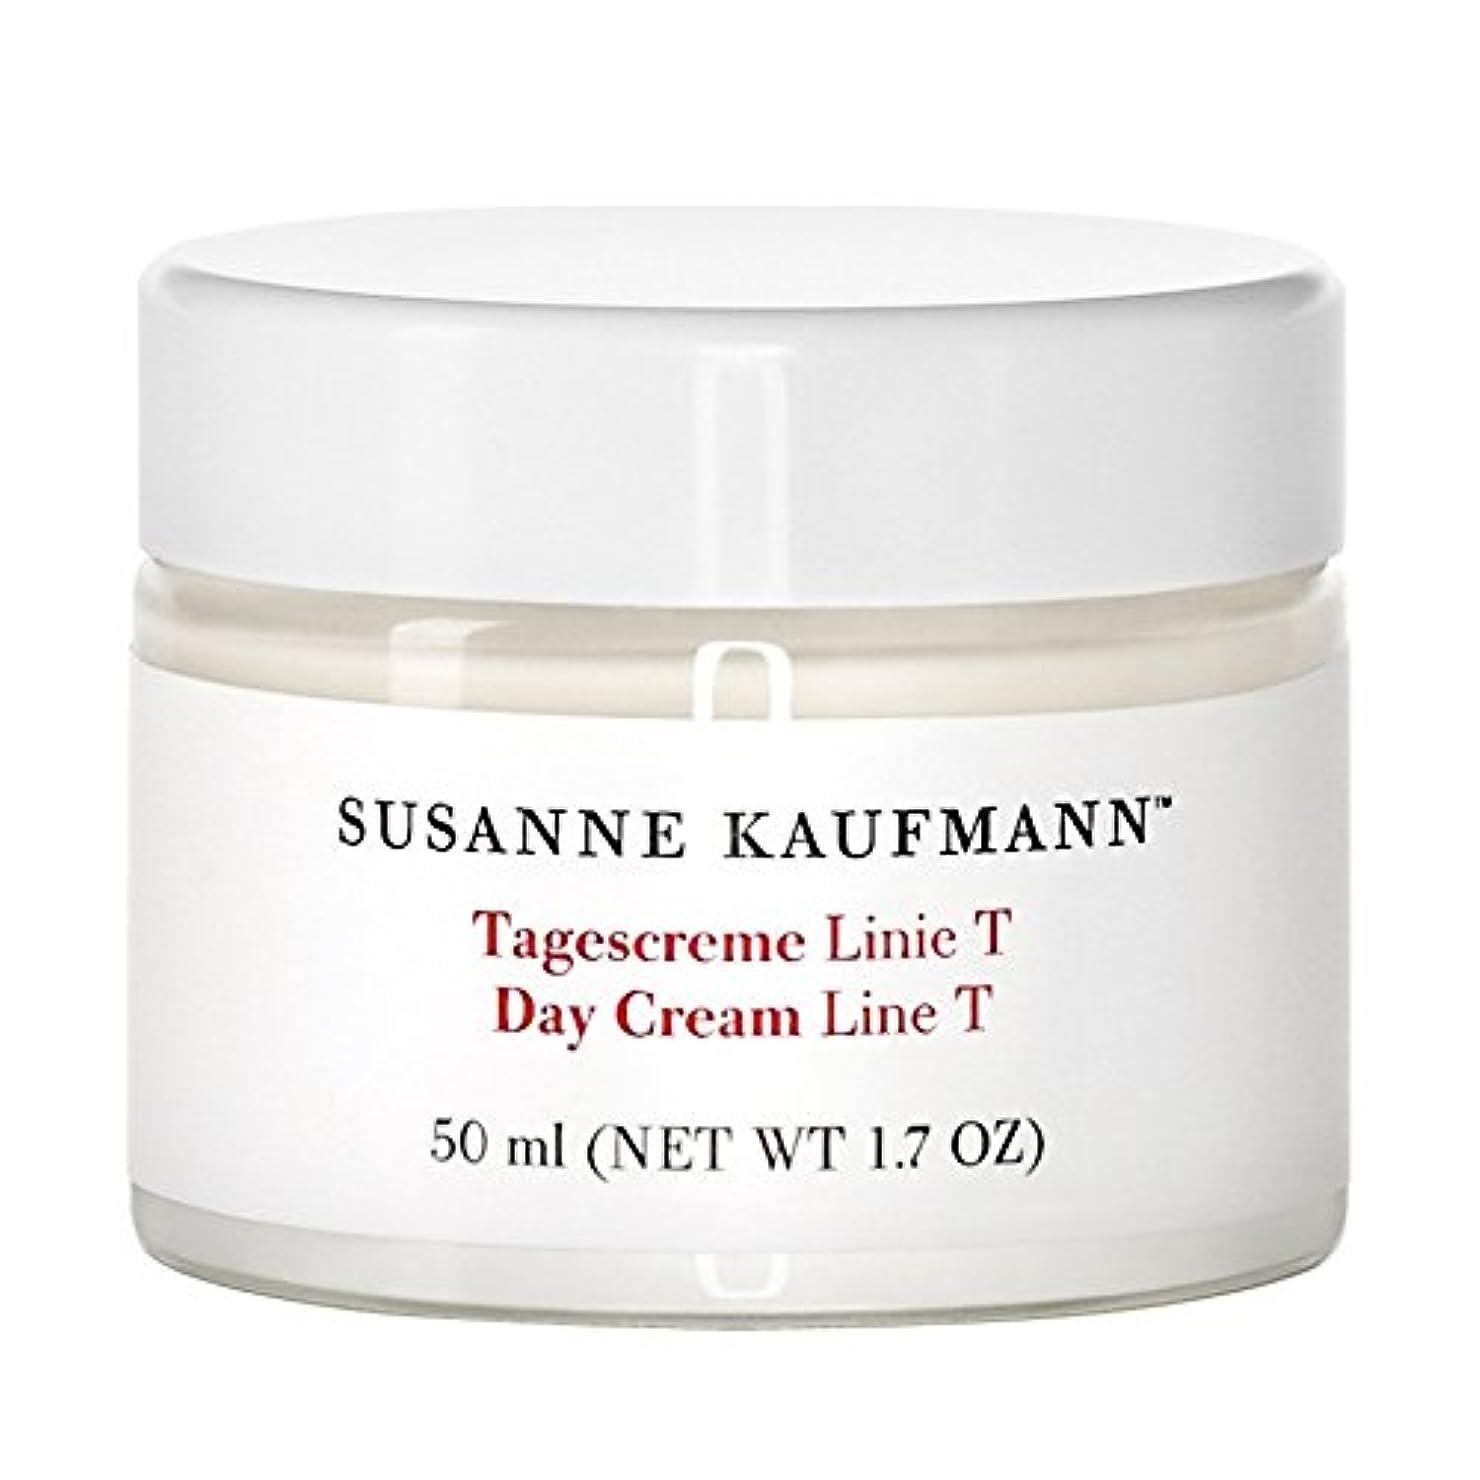 大臣複雑でない訪問Susanne Kaufmann Day Cream Line T 50ml - スザンヌカウフマン日クリームライントンの50ミリリットル [並行輸入品]